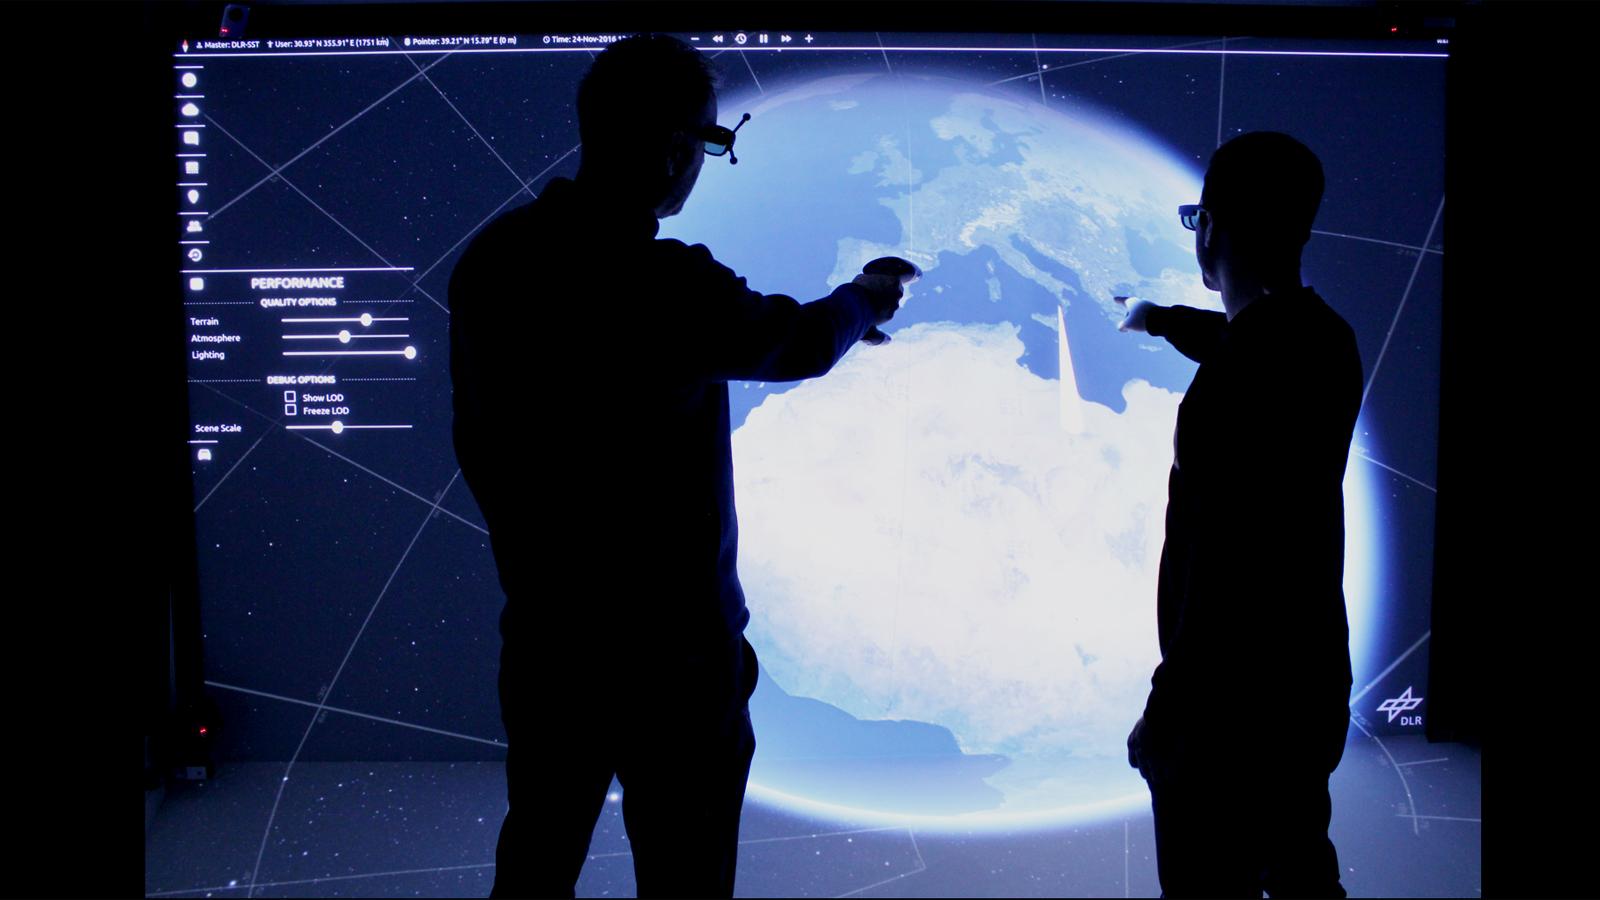 Virtual Reality gehört in der Erdbeobachtung und auch bei der Erforschung anderer Himmelskörper längst zum Alltag der Forscher. Bild: DLR